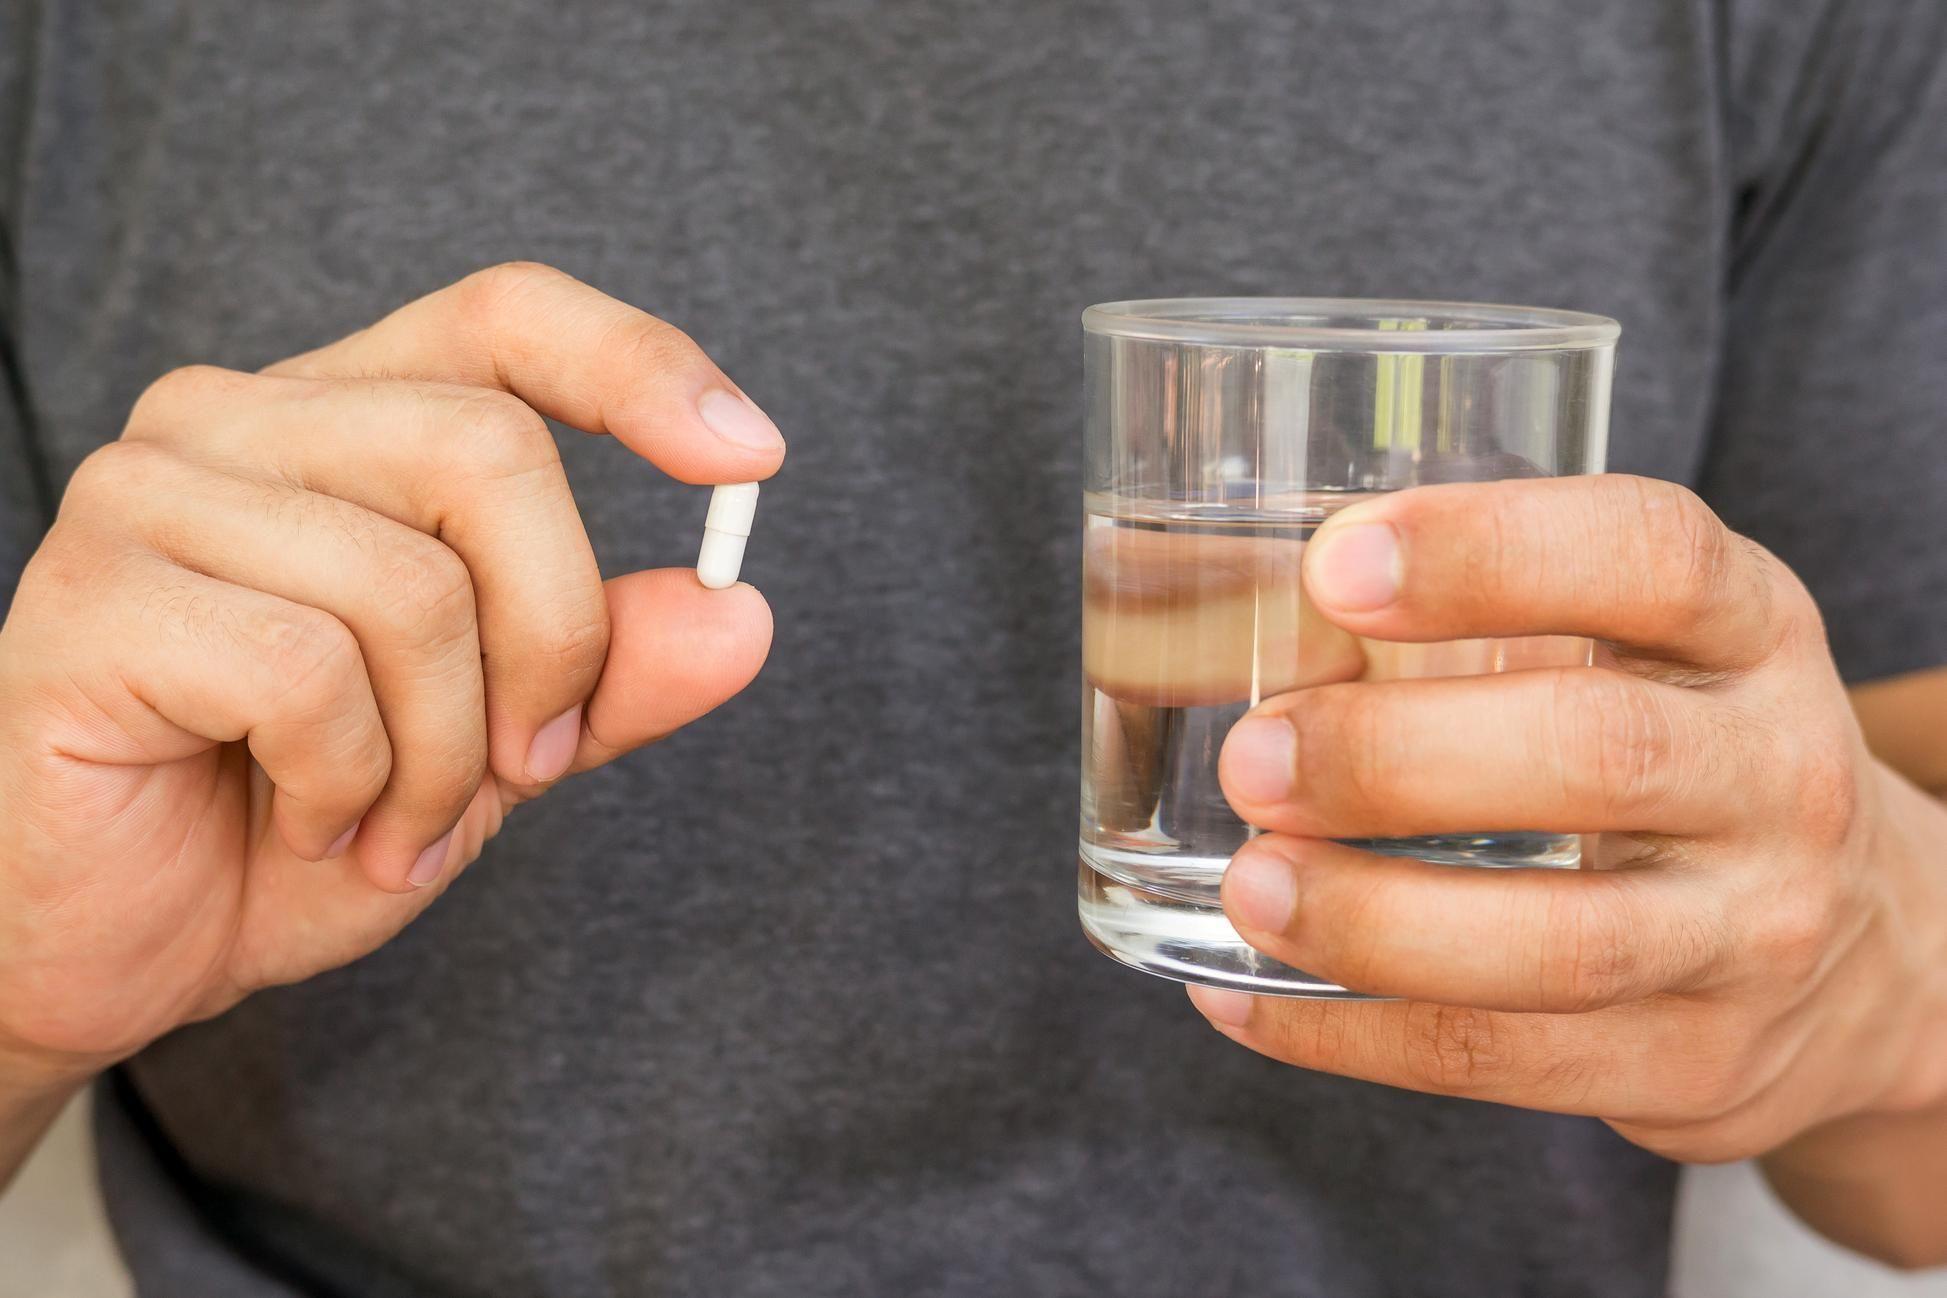 Les médicaments contre l'éjaculation précoce - Doctissimo